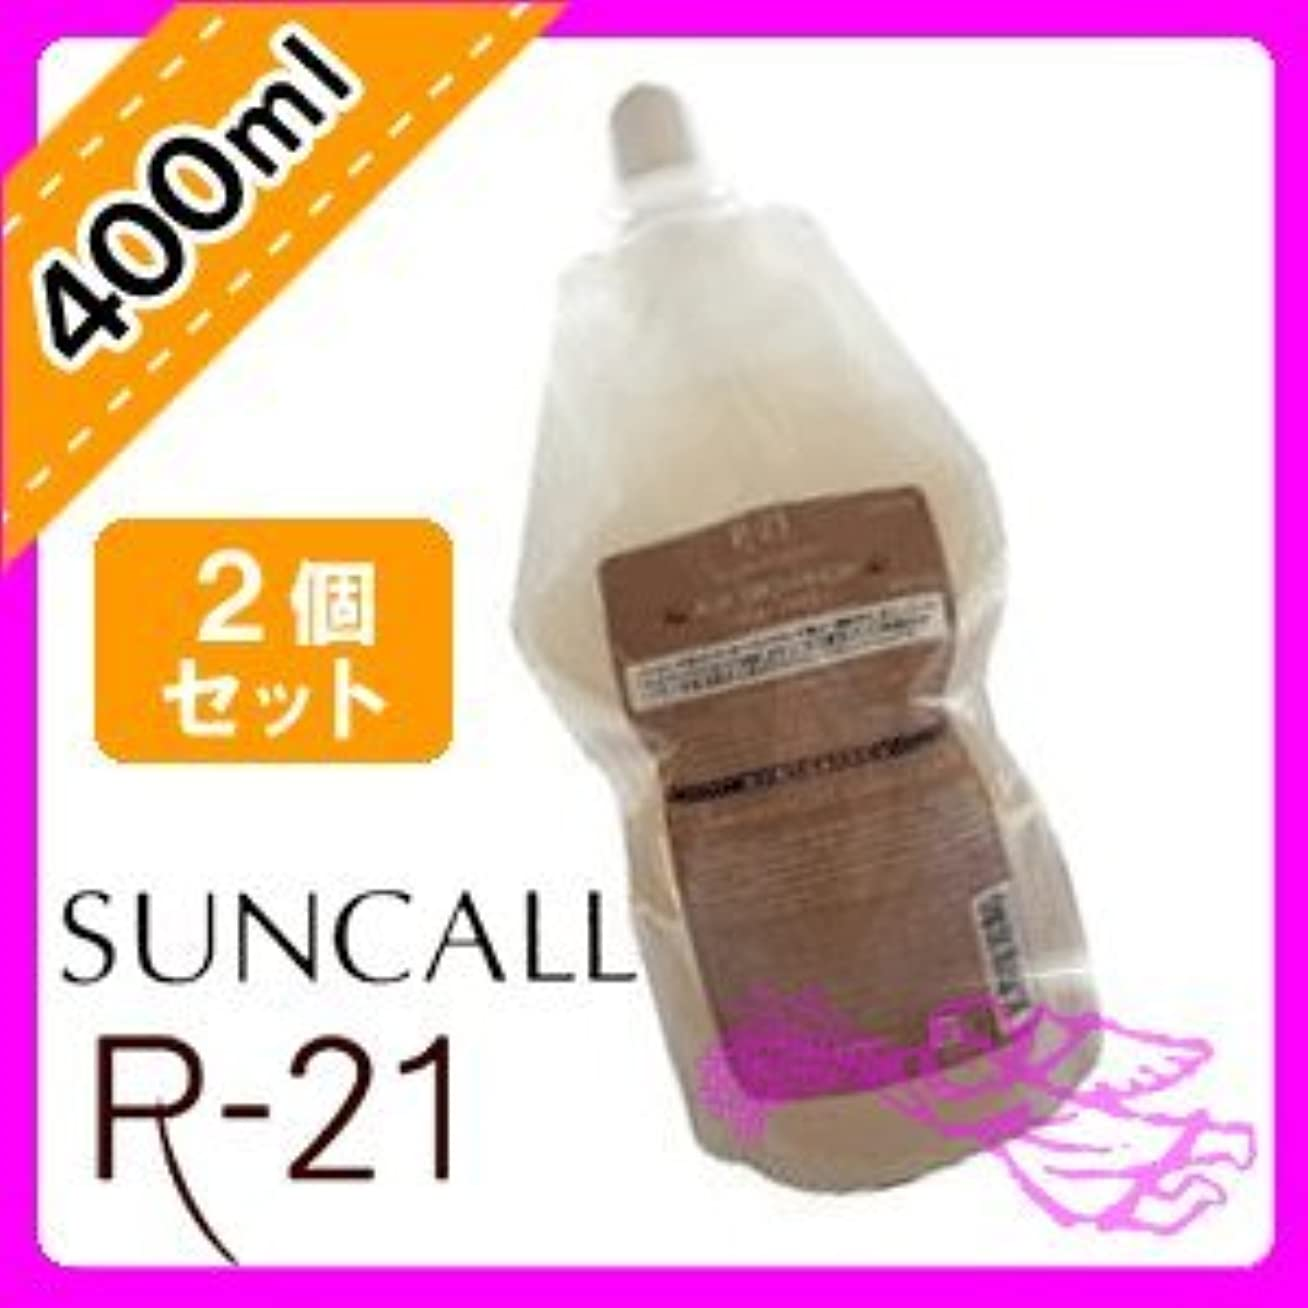 政府人気のインフルエンザサンコール R-21 CMCヒートミスト 400mL × 2個 セット 詰め替え用 SUNCALL R-21